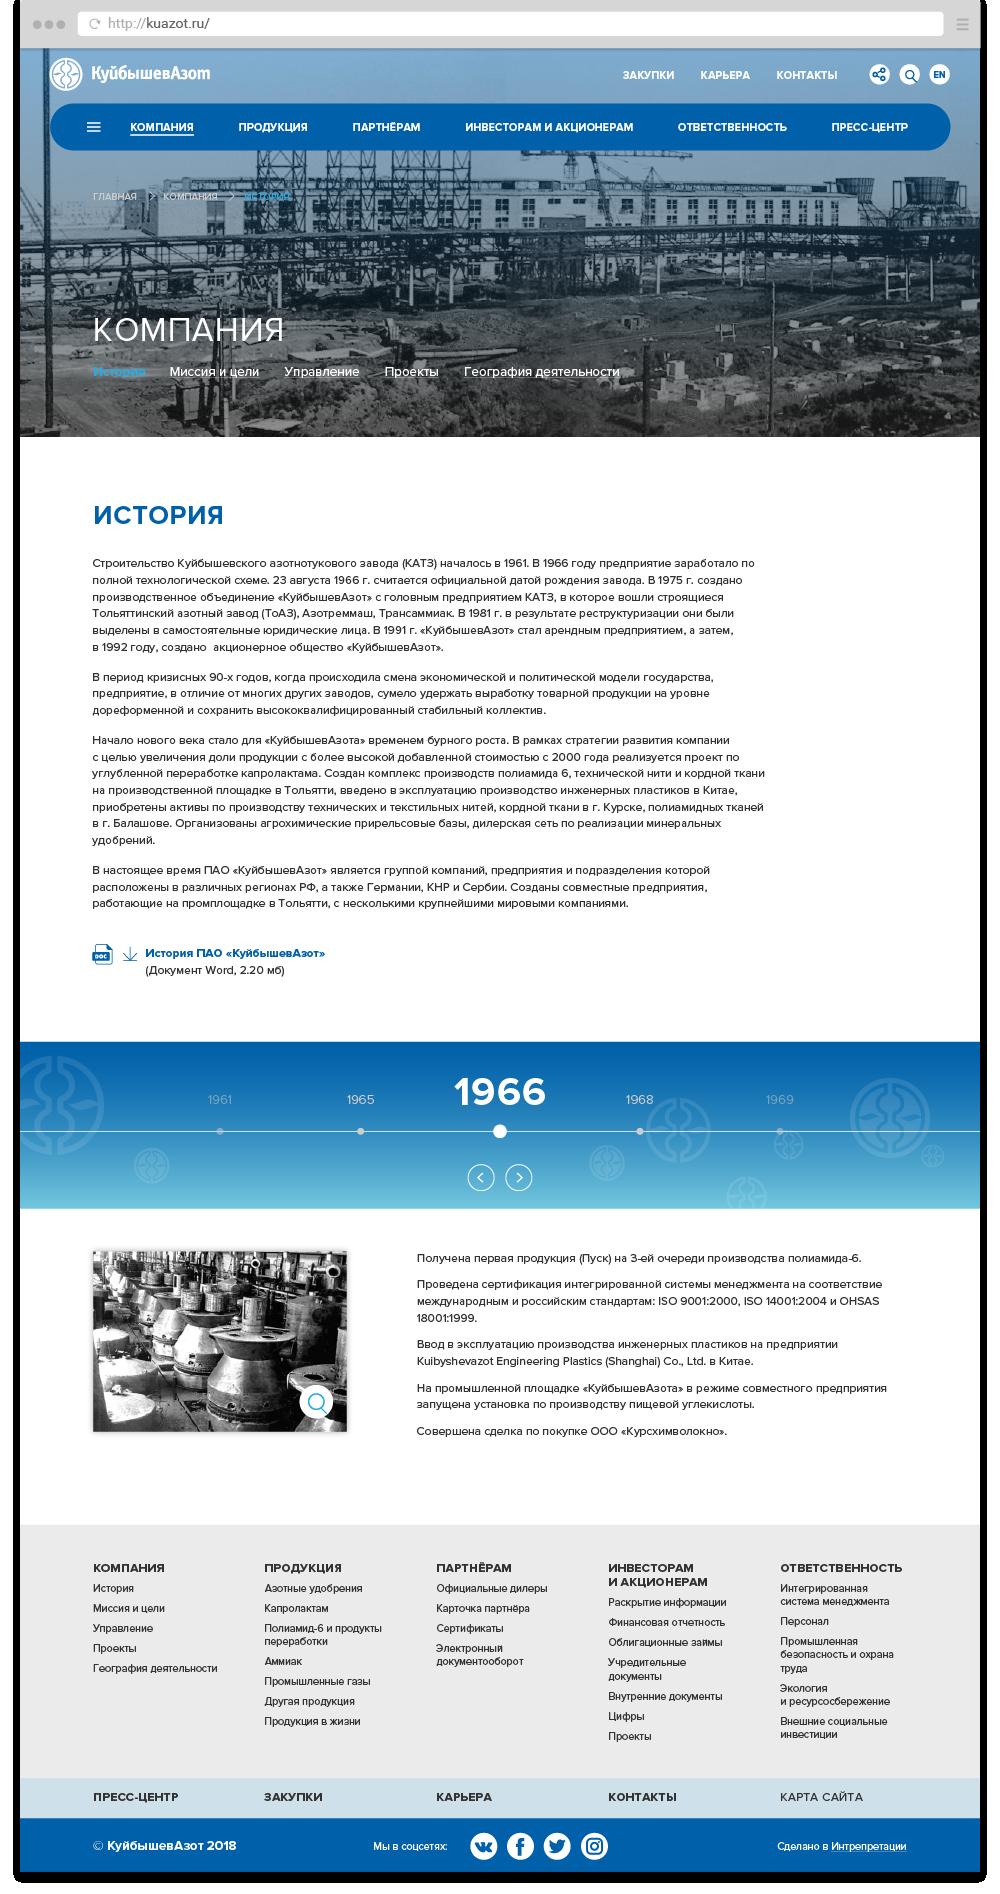 Страница раздела «История».